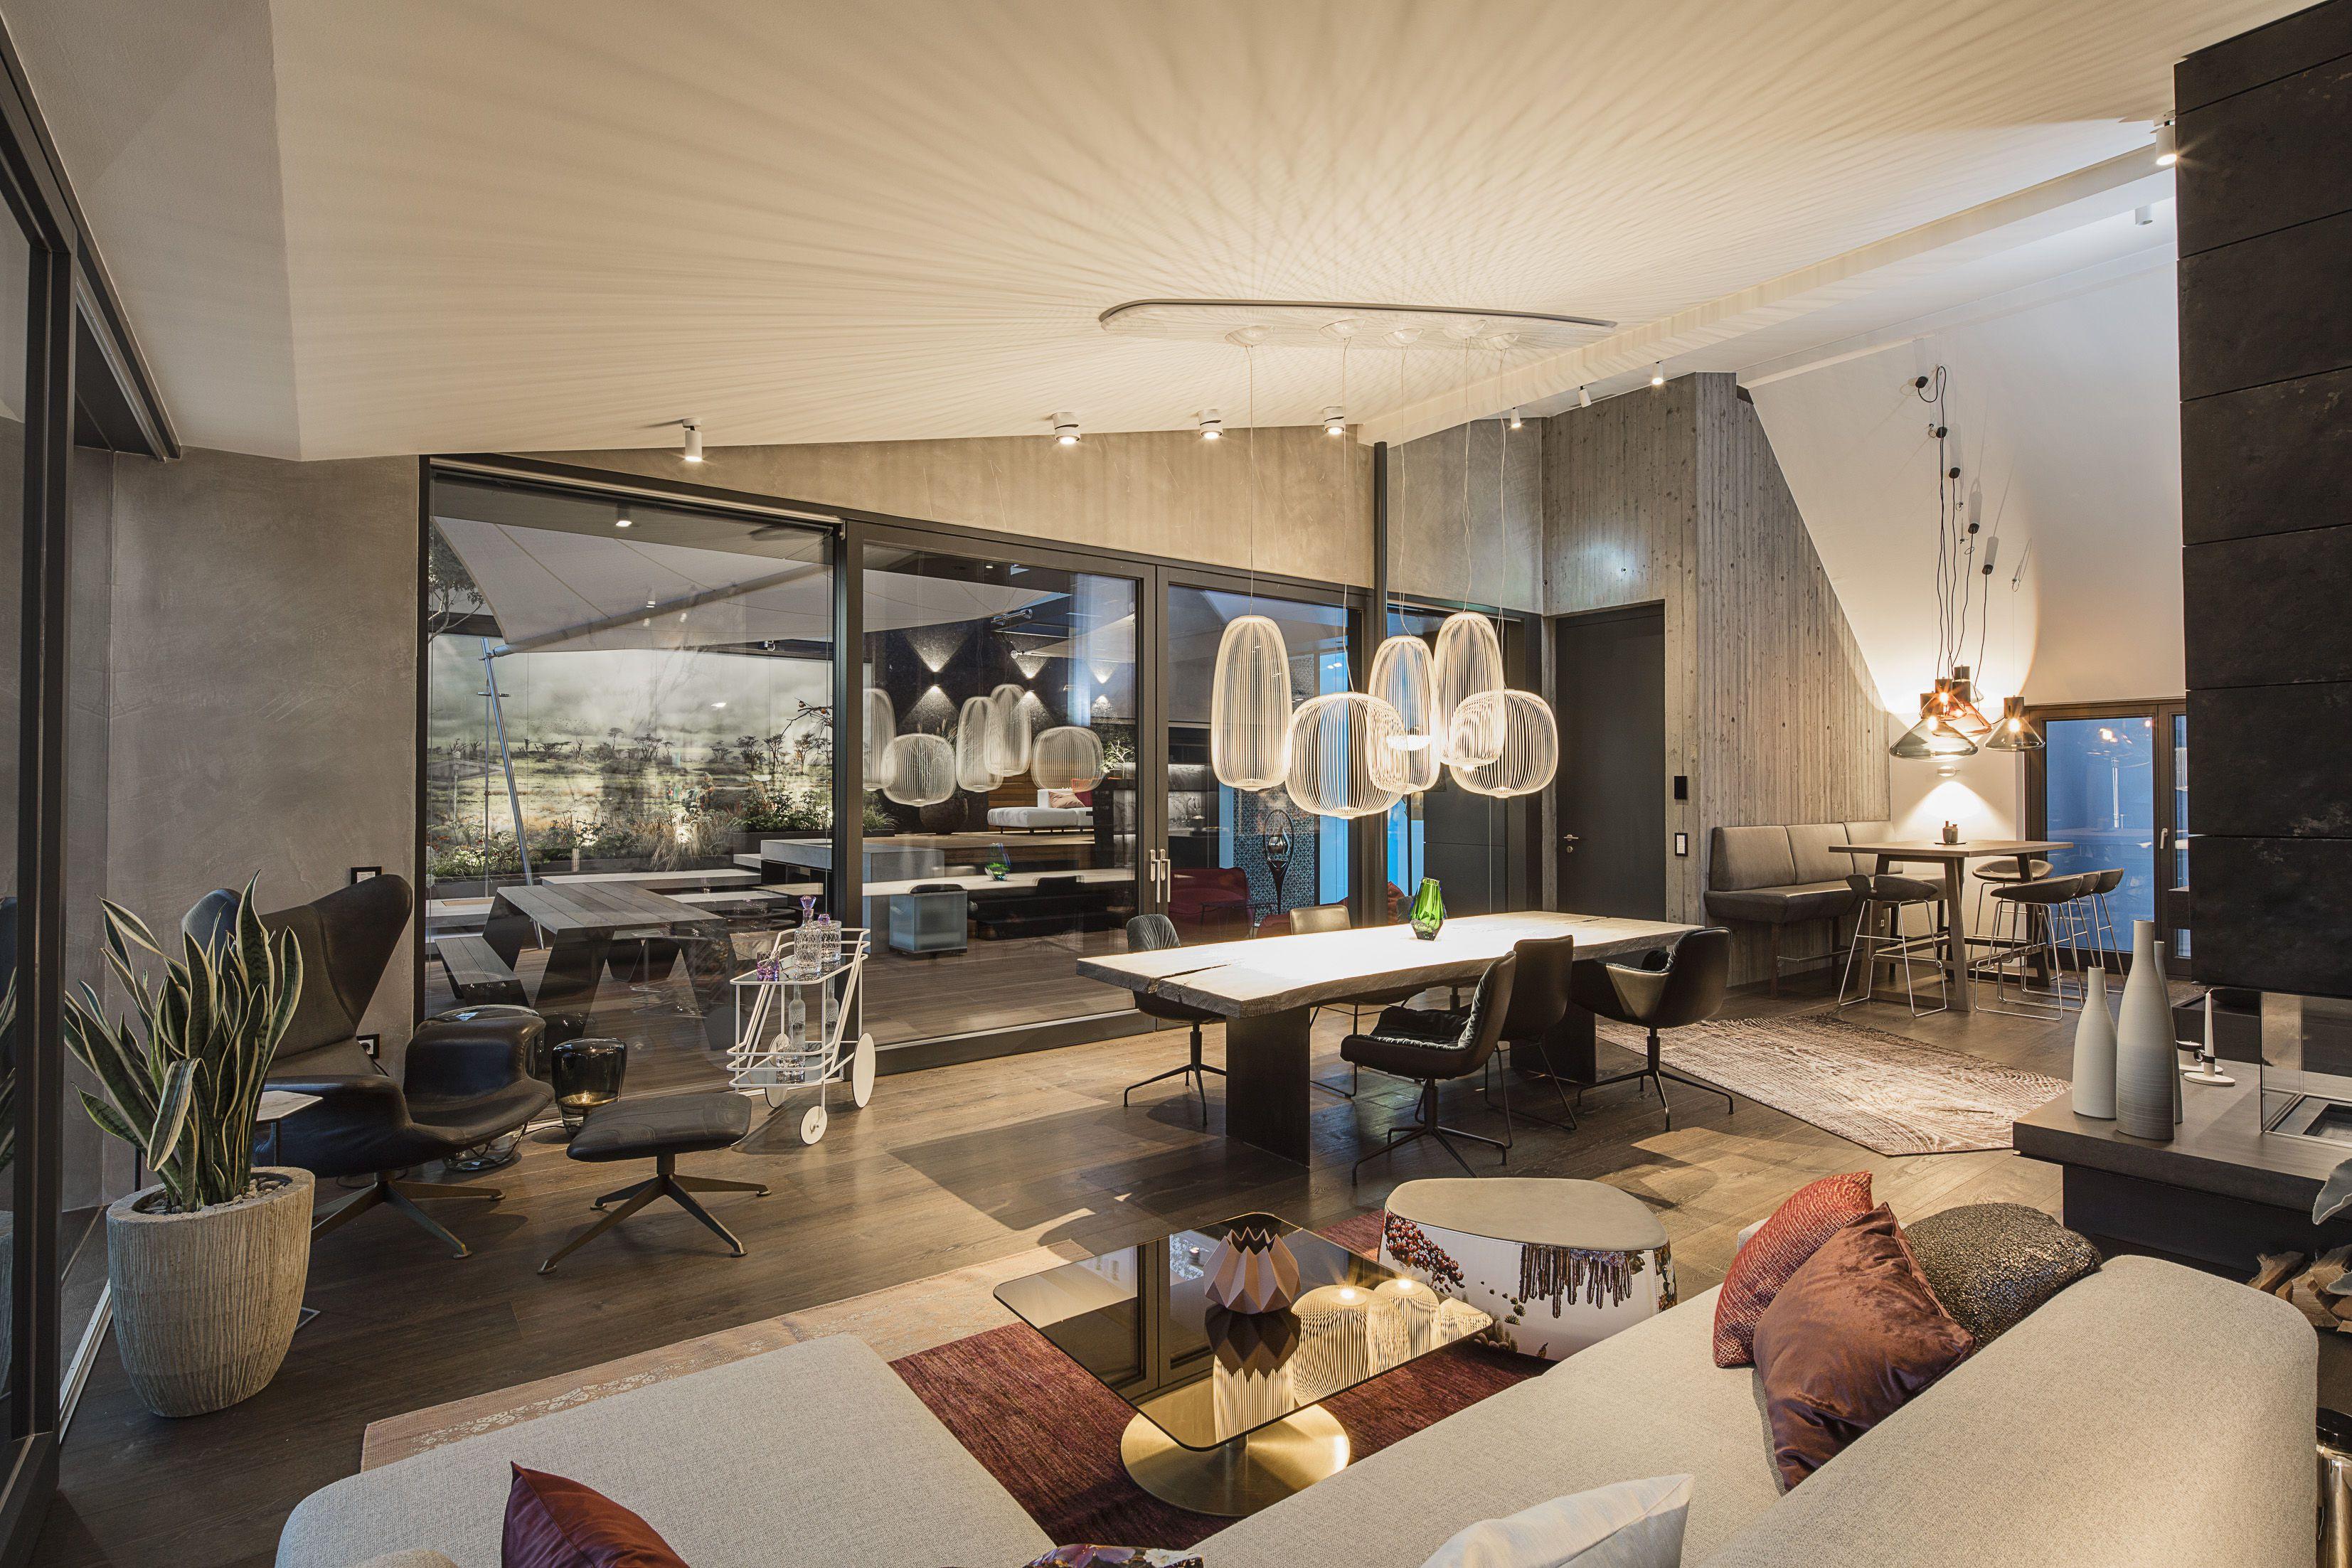 Im Formdepot in Wien arbeiten 13 Mitgliedbetriebe zusammen. Sie nutzen das 1400 Quadratmeter große Loft für Dinnerpartys und Kundentermine.